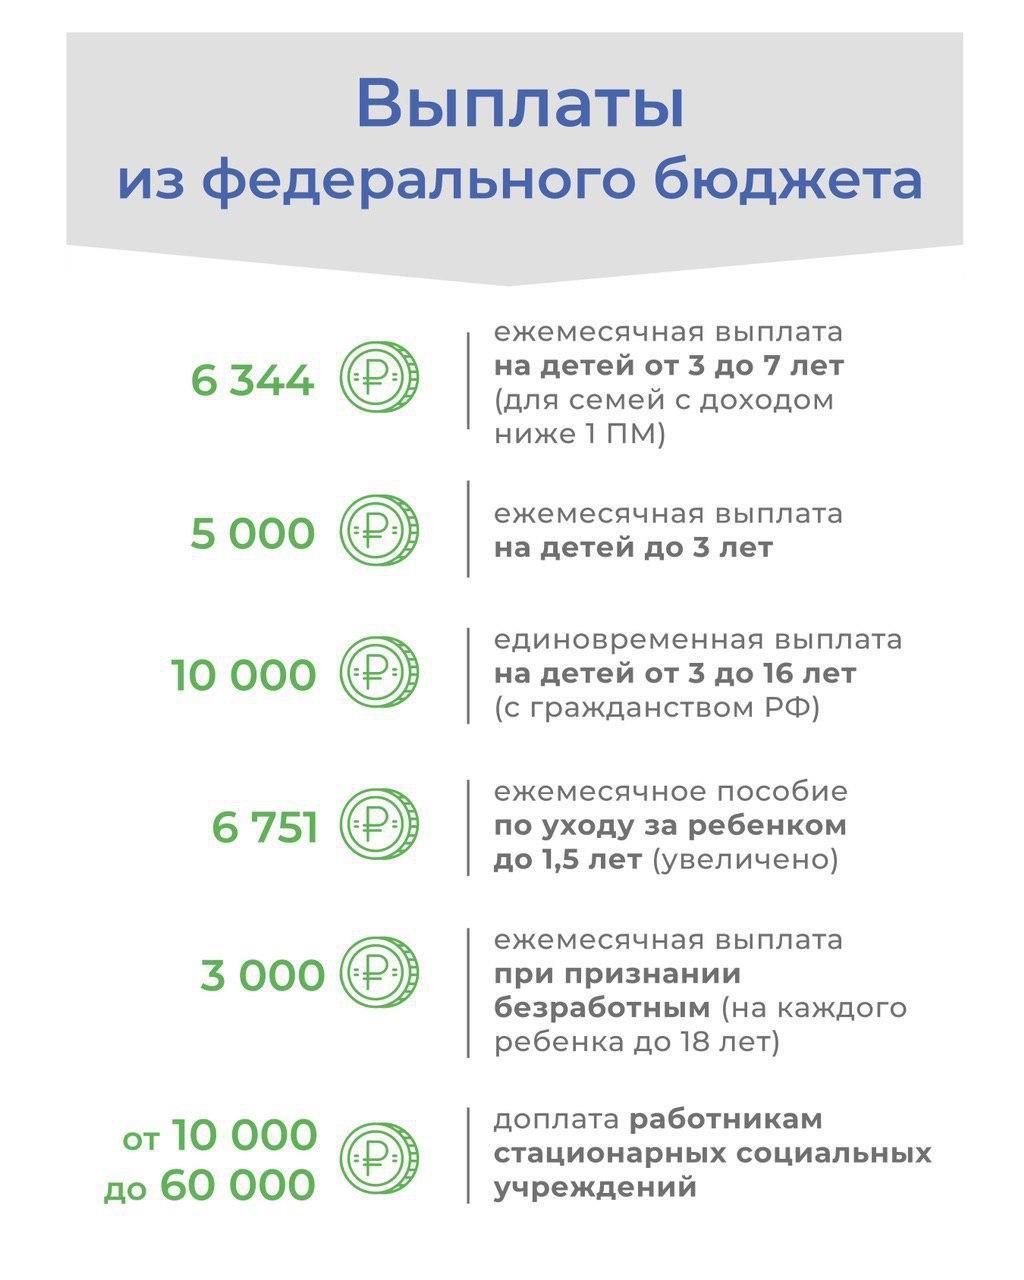 Андрей Воробьев губернатор московской области - Выплаты из федерального бюджета